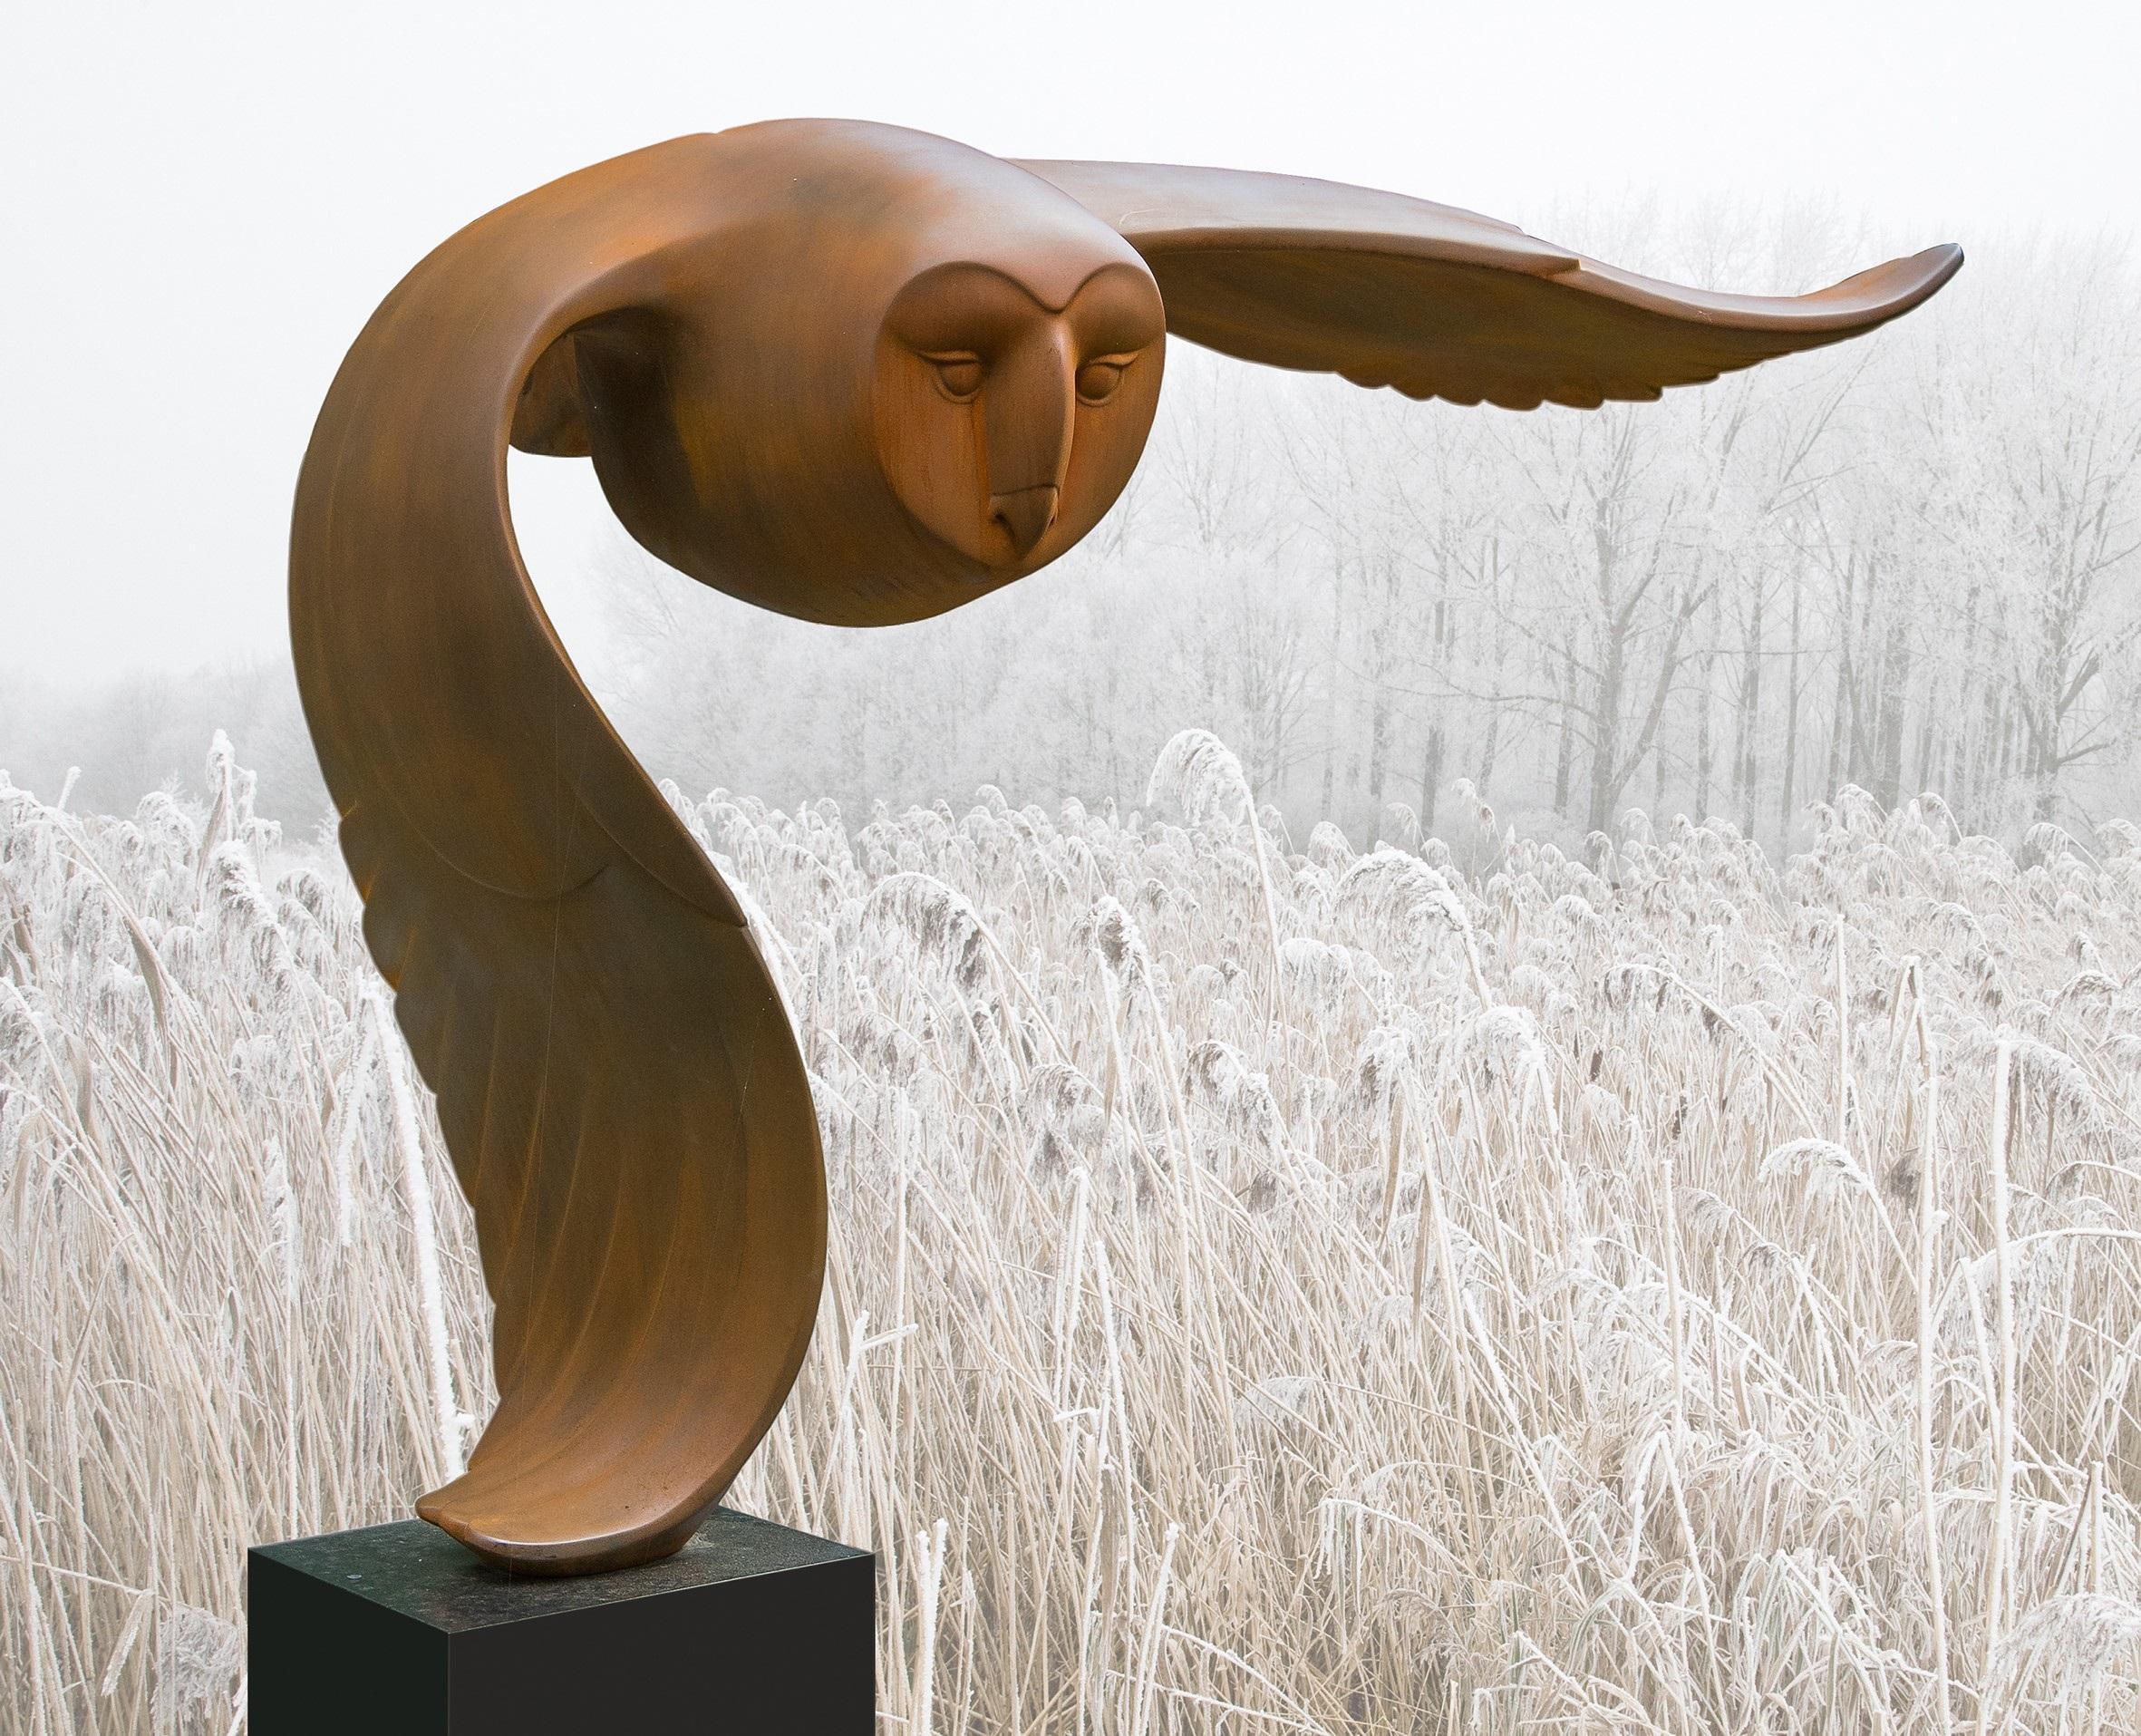 Vliegende uil Flying Owl Polyester Cortensteel Big Bird Sculpture In Stock